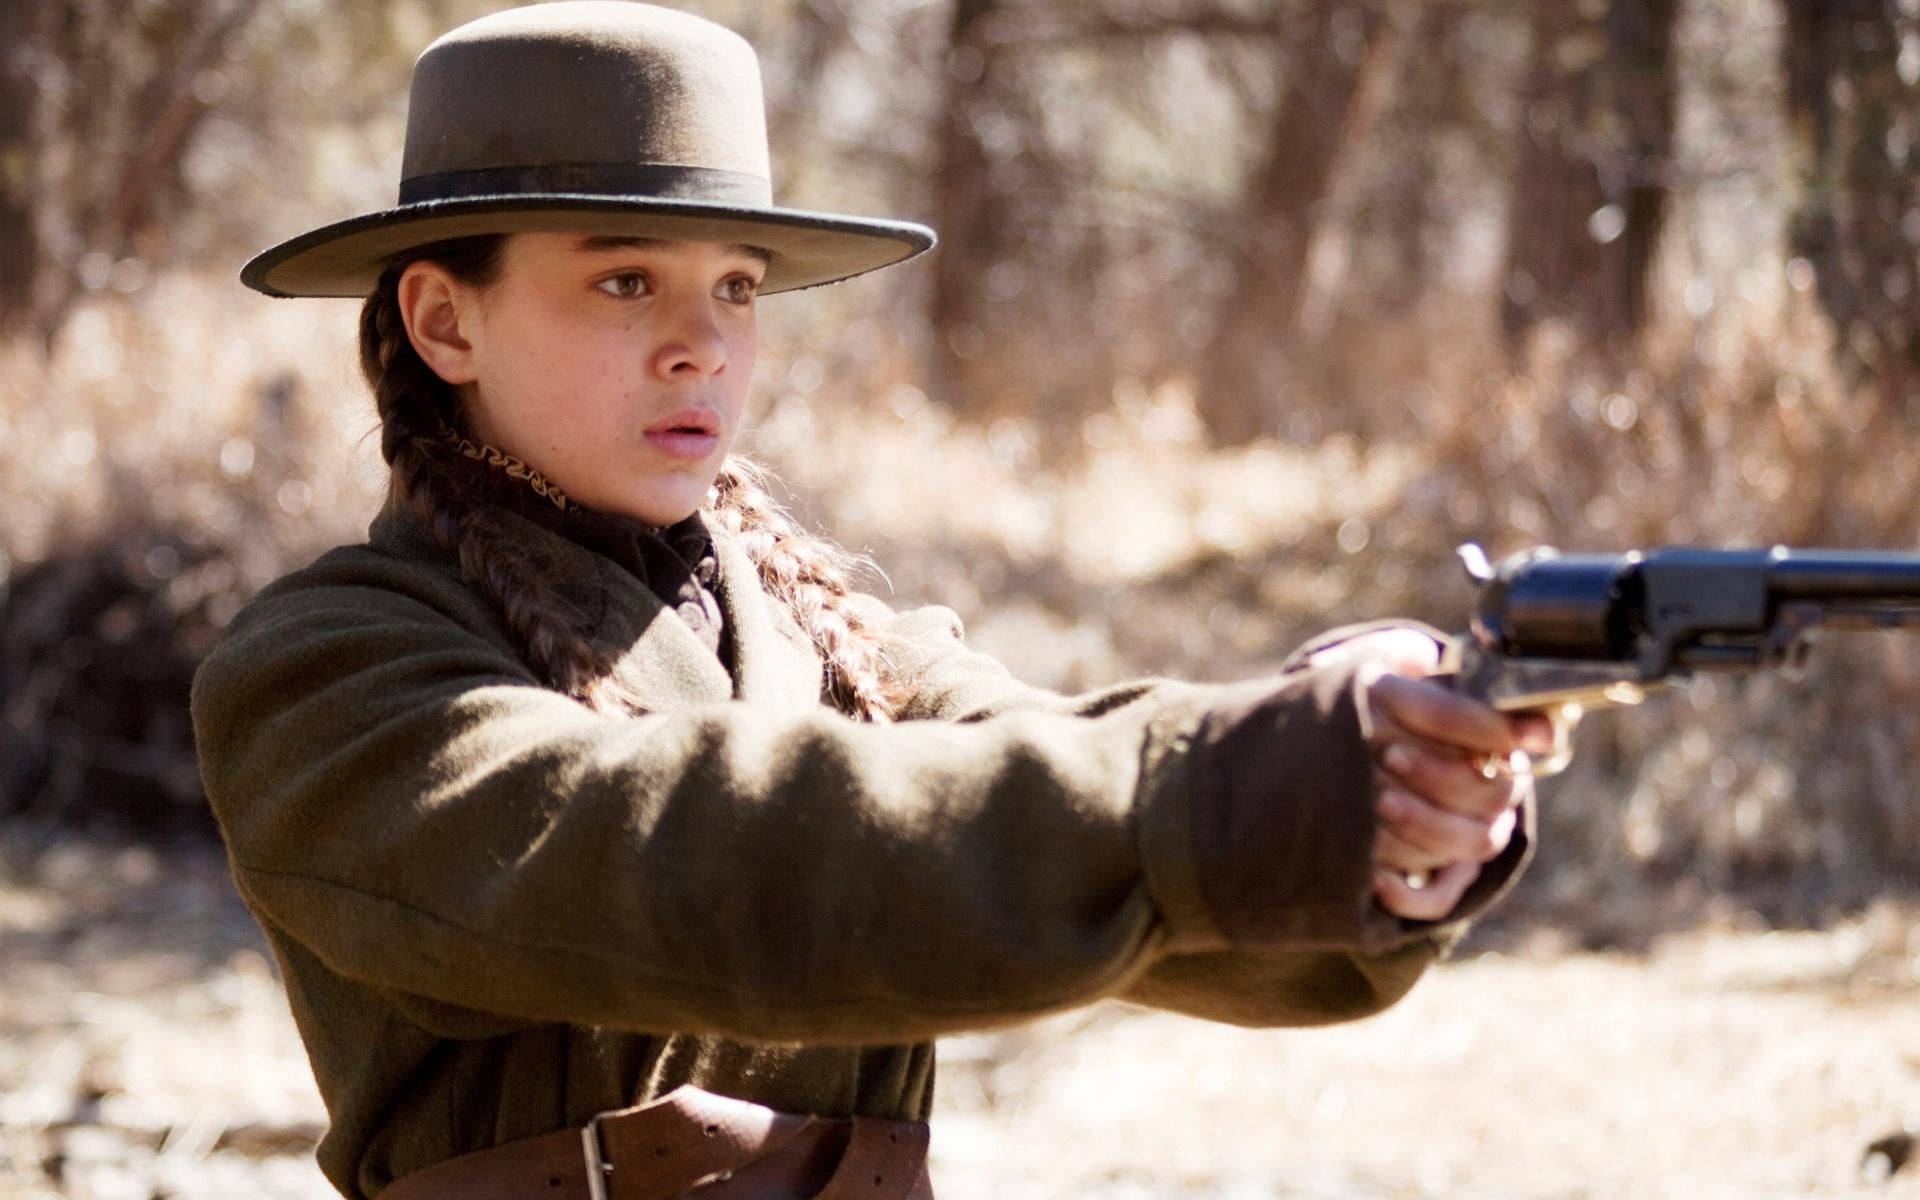 A atriz, vestida com jaqueta marrom e chapéu de abas largas e retas da mesma cor, segura uma arma com as duas mãos e a aponta pra frente. O cenário é desértico.